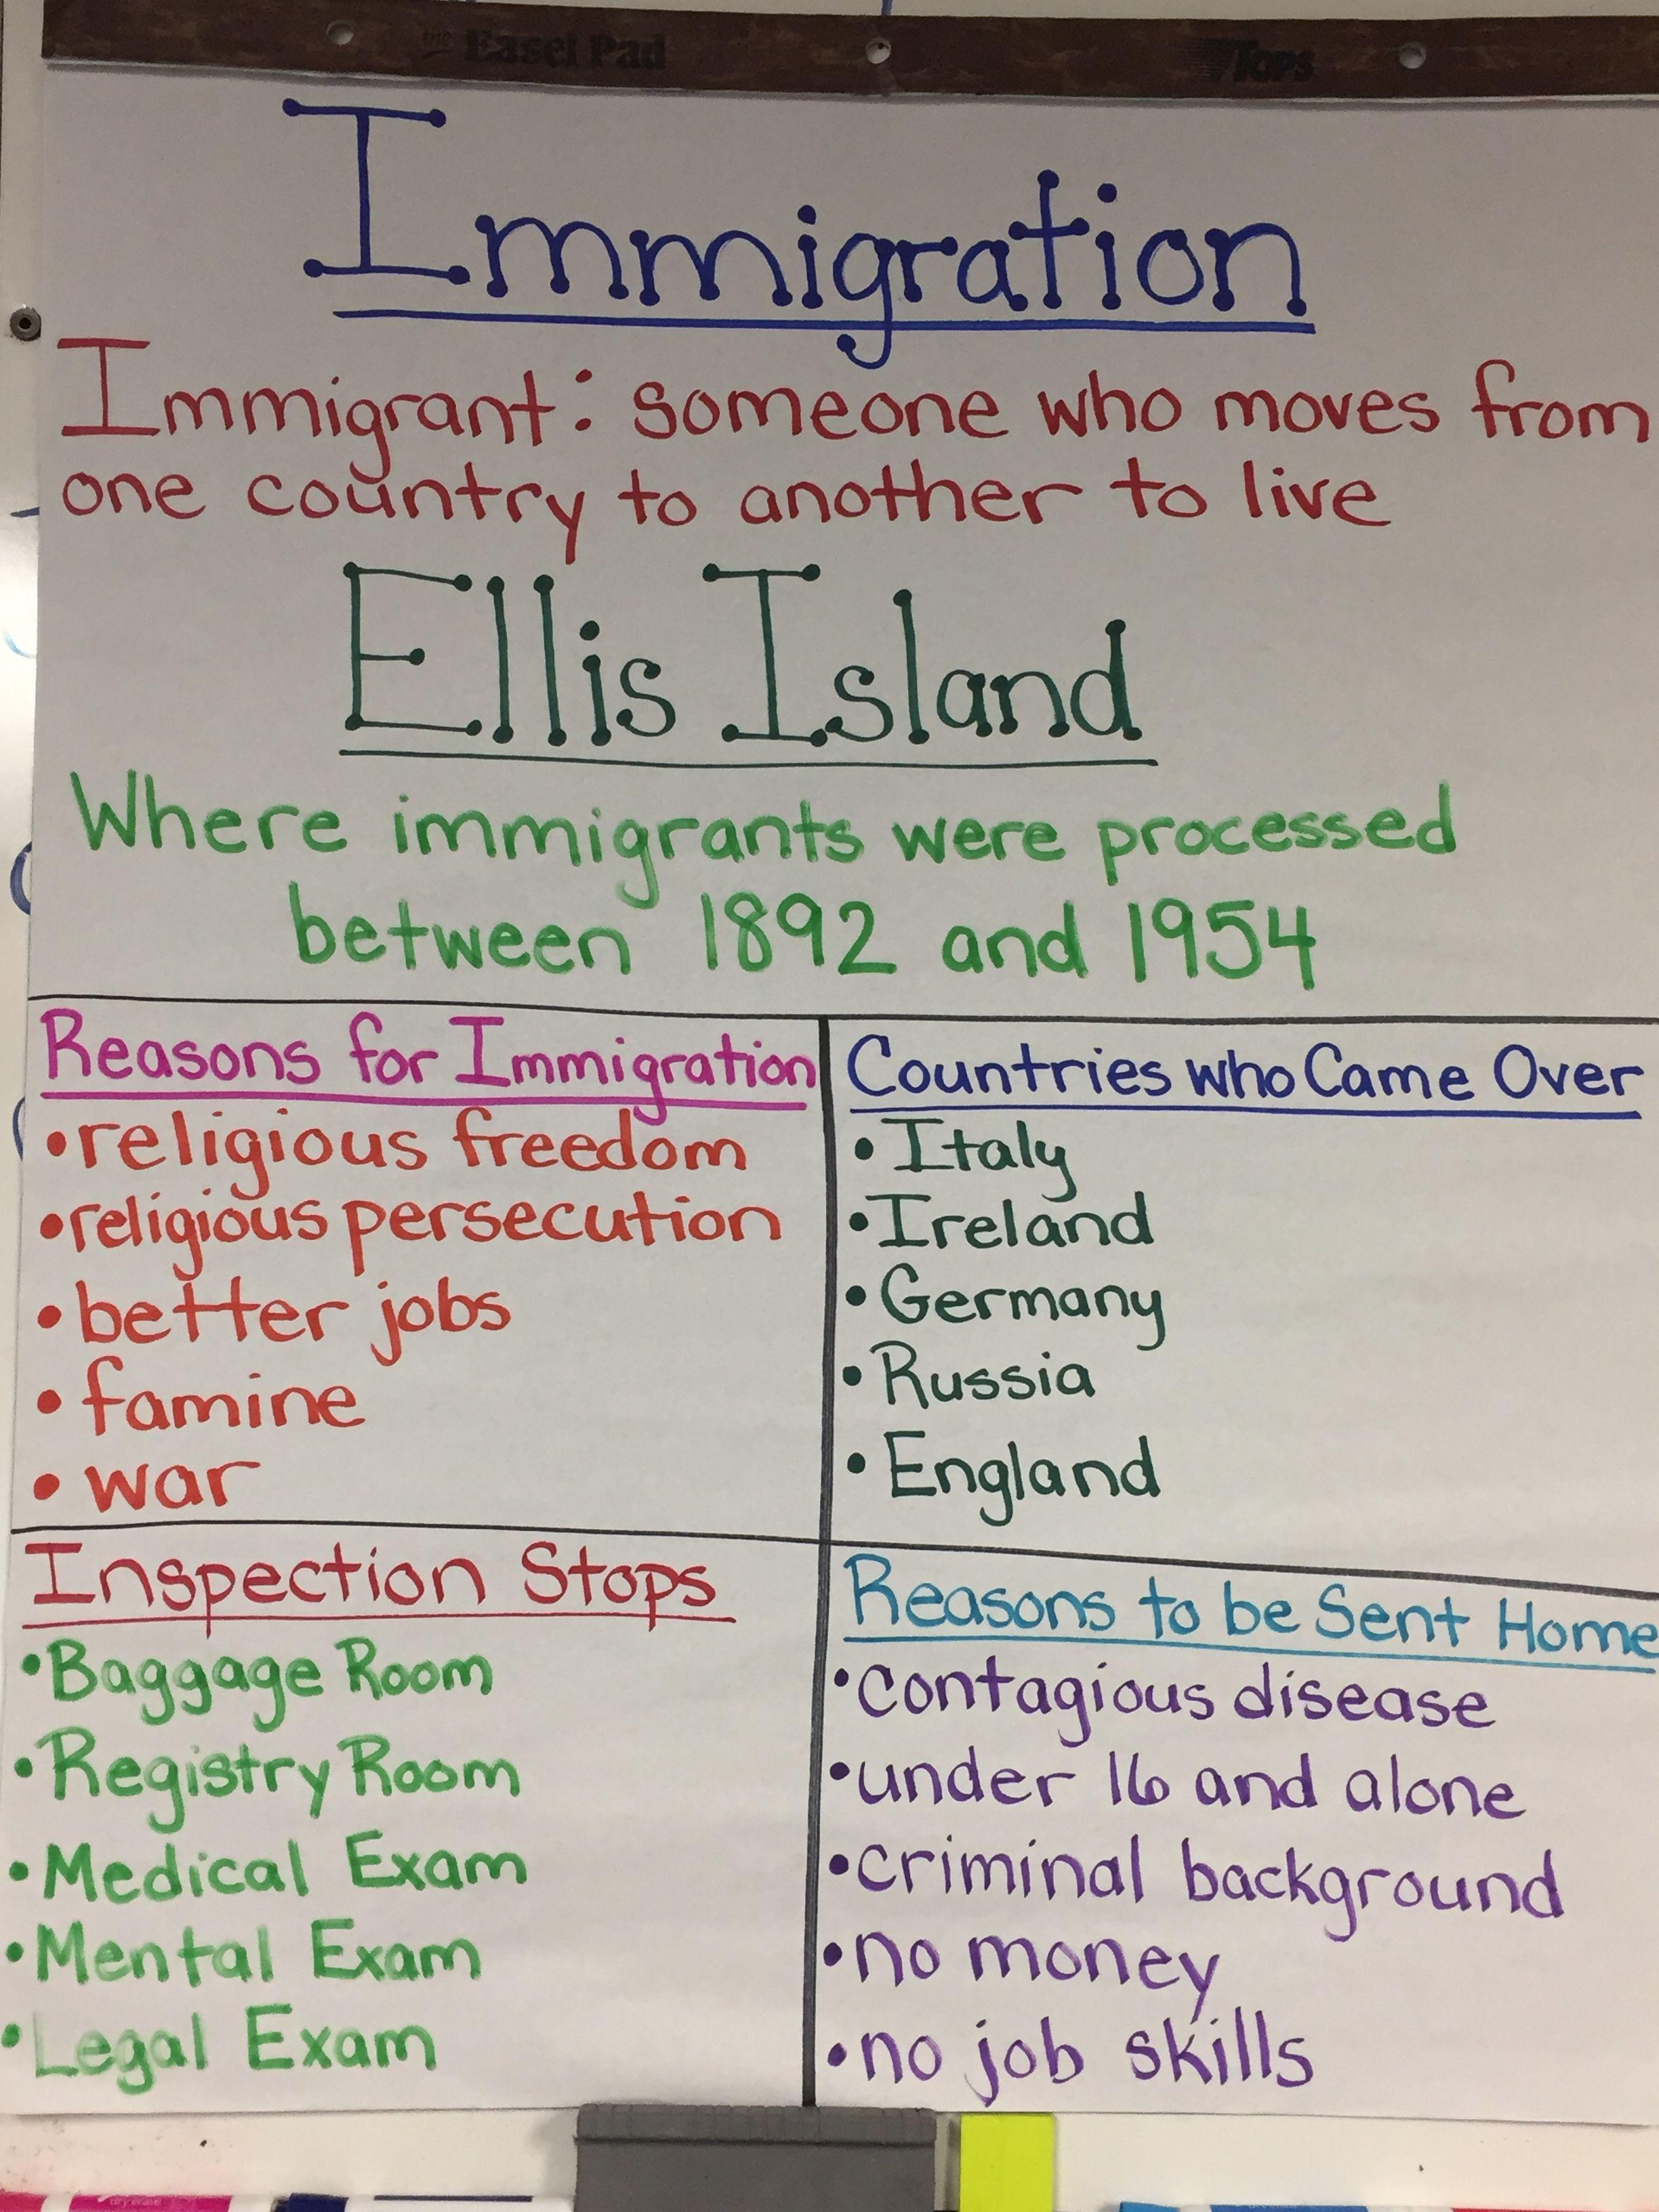 Ellis island unit anchor chart   6th grade social studies [ 3264 x 2448 Pixel ]